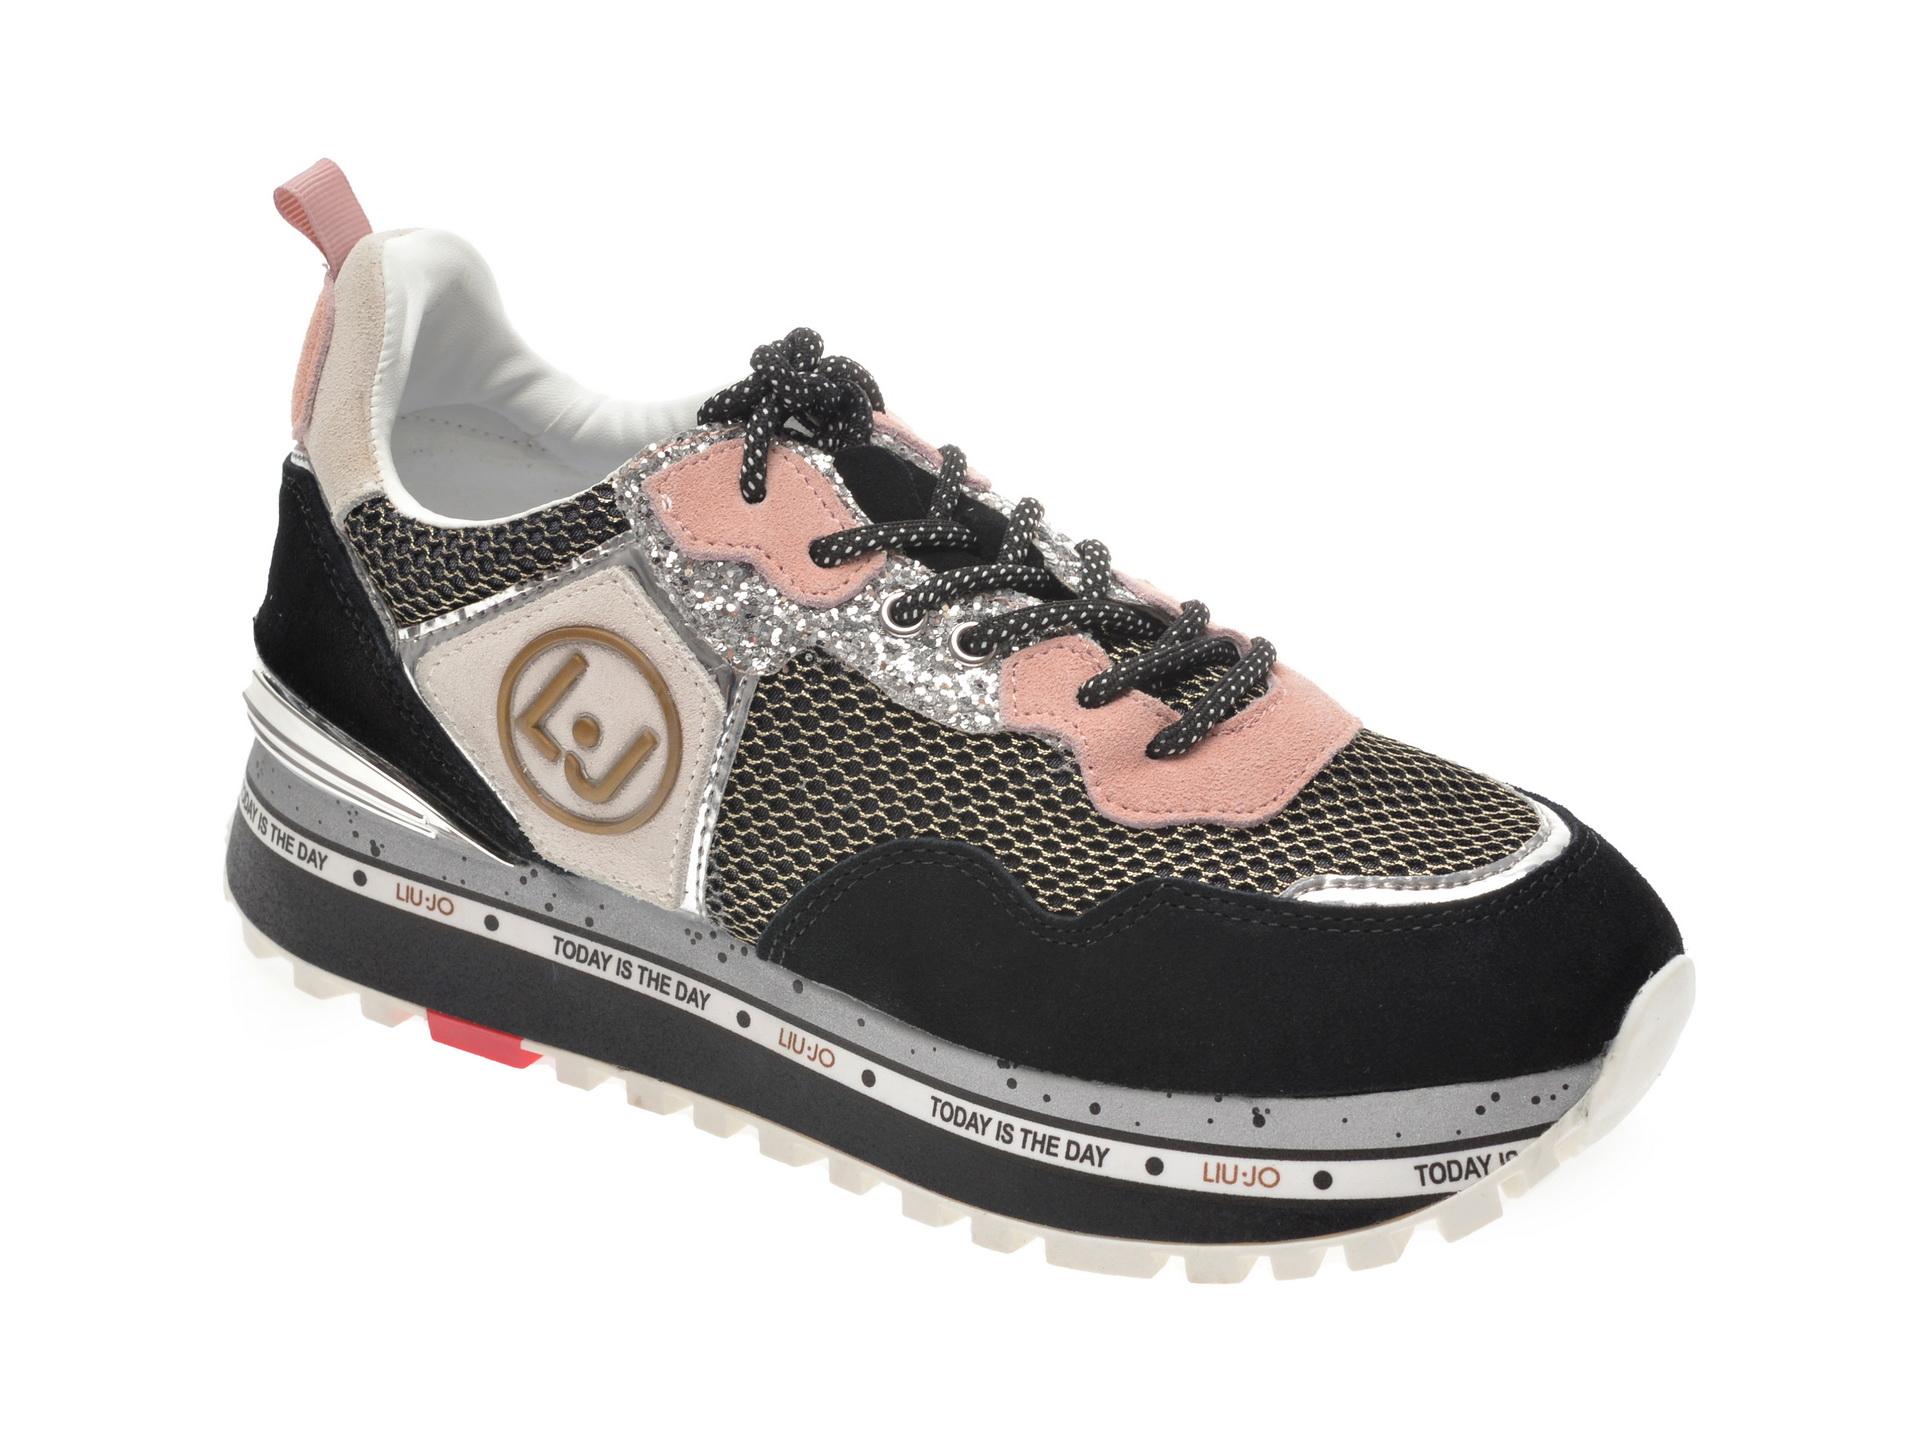 Pantofi sport LIU JO negri, Maxiale, din material textil si piele naturala imagine